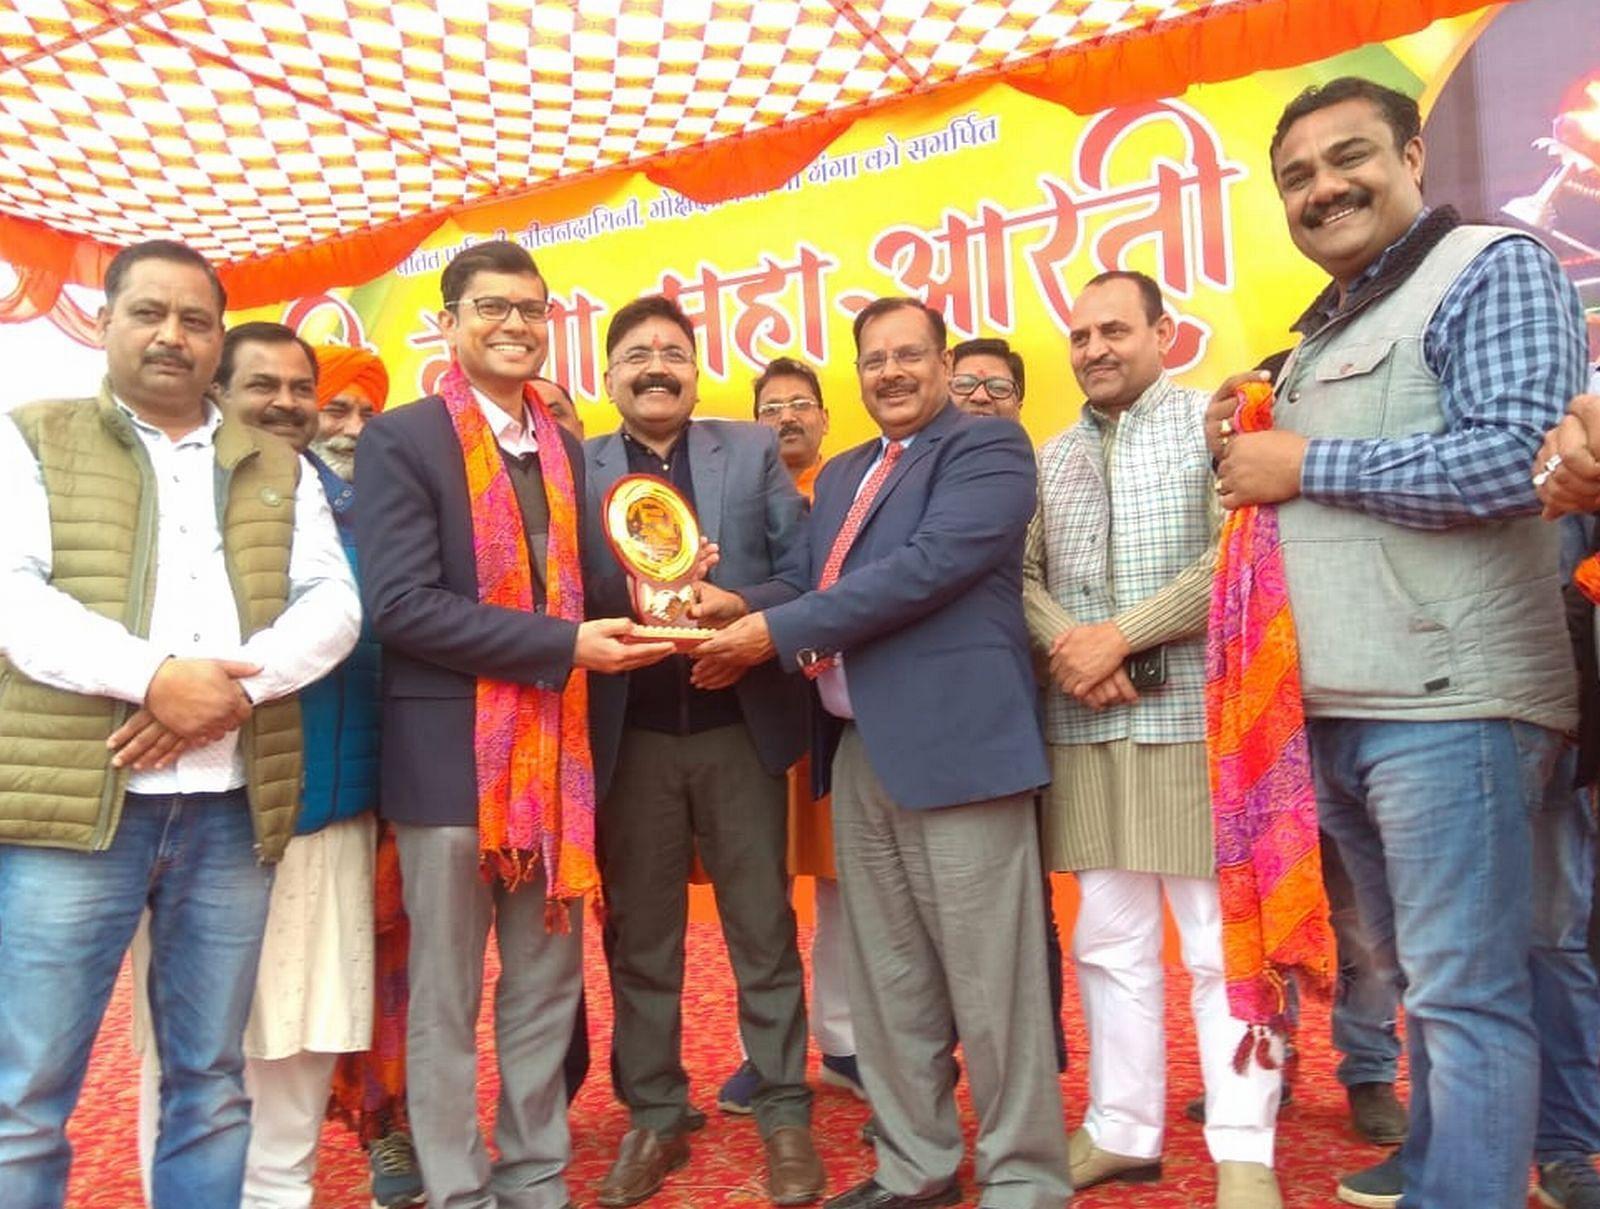 गंगा आरती का एक वर्ष पूरा होने पर शामिल हुए तत्कालीन डीएम दिनेश कुमार सिंह को सम्मानित किया गया।